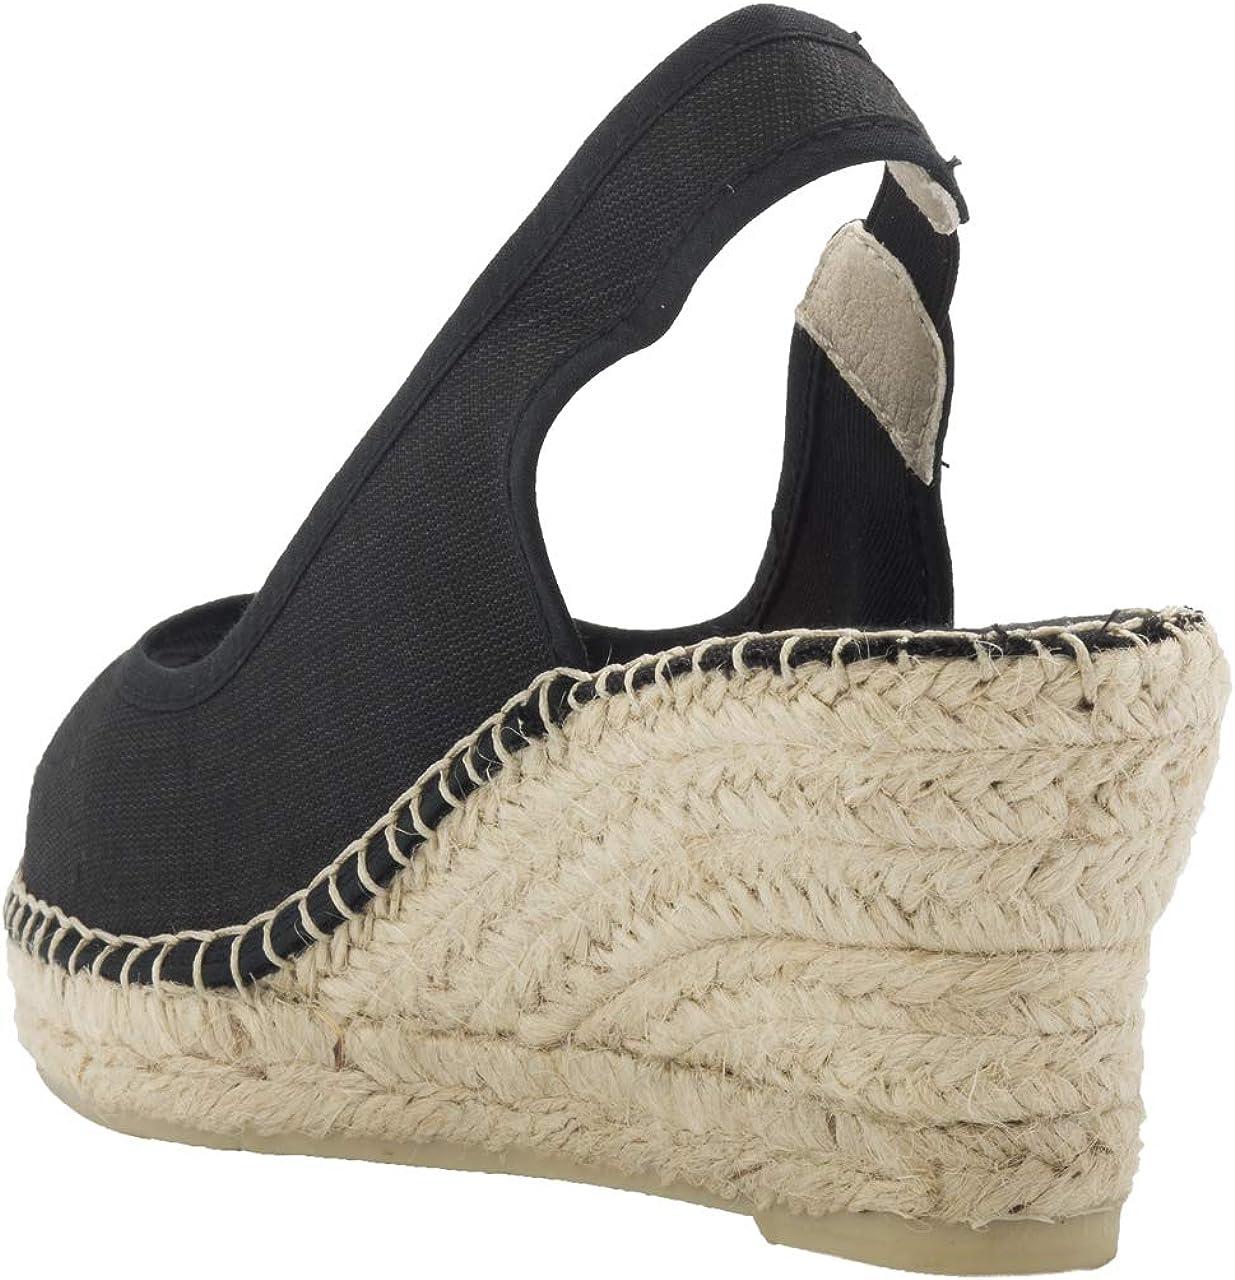 2 Espadrilles - Alpargatas Sandalias Mujer Fabricadas a Mano en España Espadrilles Esparto Zapato para Mujer Tacón Gala: Amazon.es: Zapatos y complementos